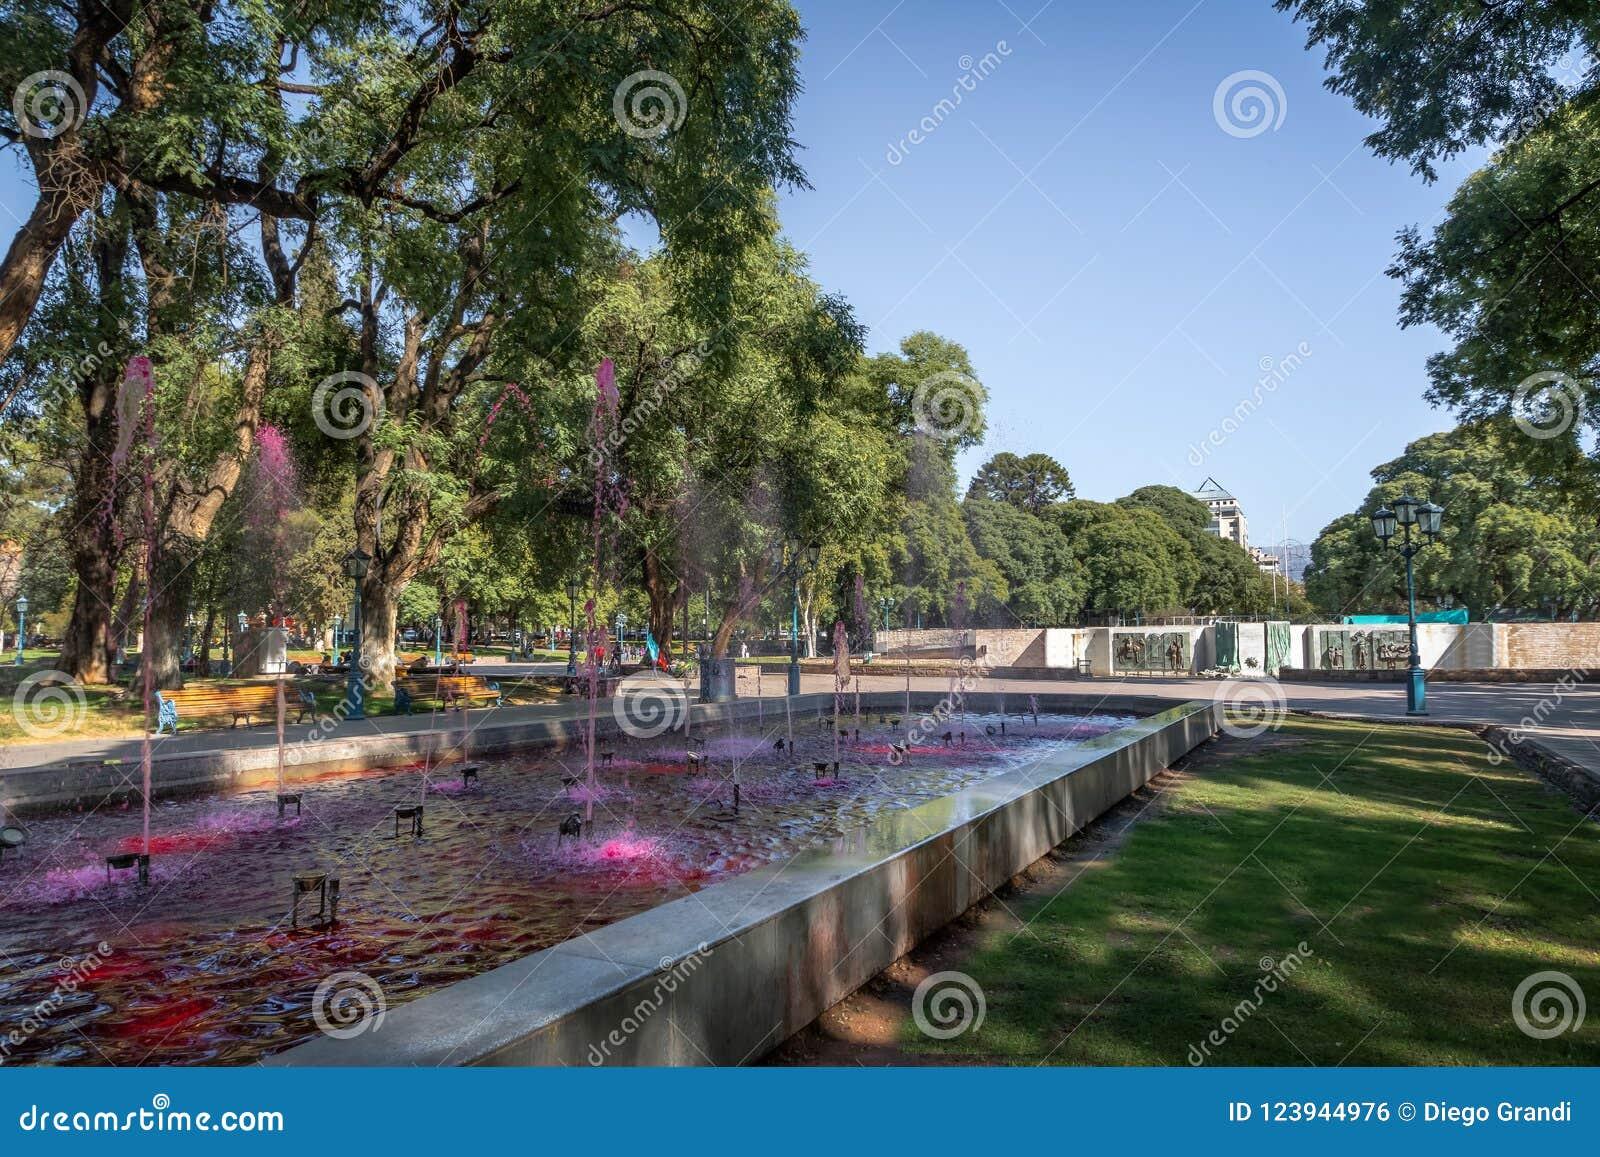 Placu Independencia niezależności kwadrata fontanna z czerwoną wodą jak wino, Argentyna - Mendoza Argentyna, Mendoza, -